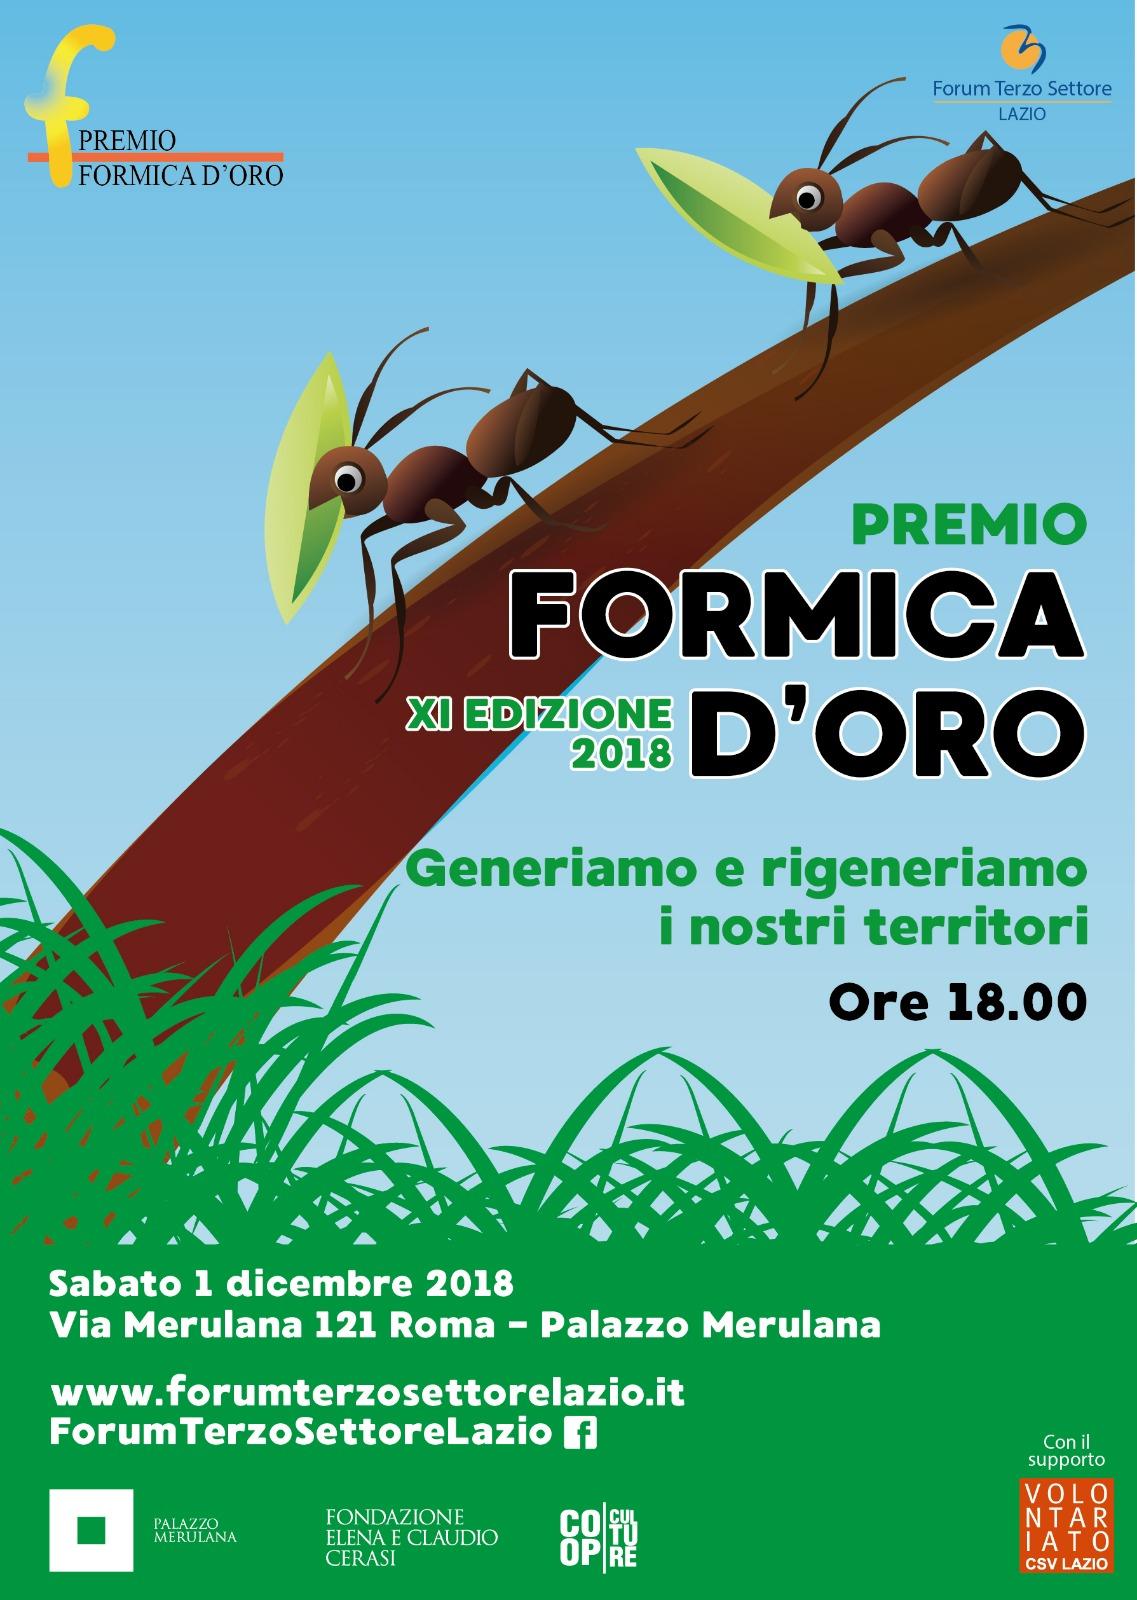 Premio Formica d'Oro 2018: sabato 1 dicembre dalle ore17.45